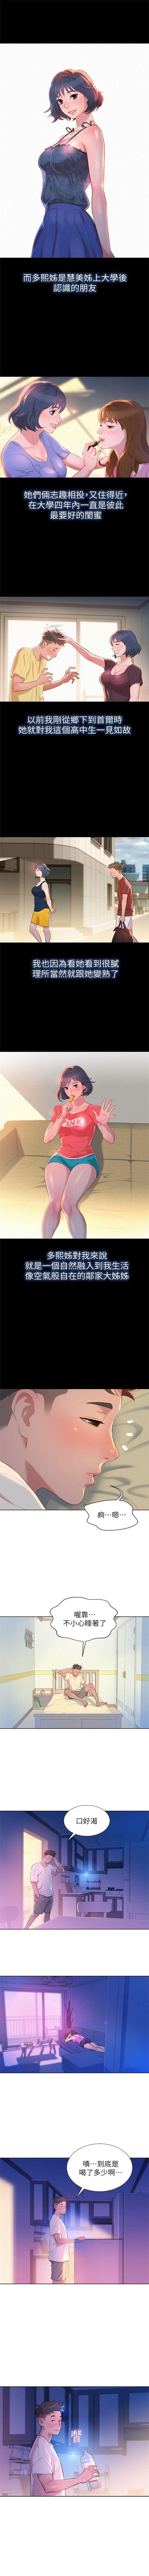 (周7)漂亮干姐姐  1-79 中文翻译 (更新中) 10